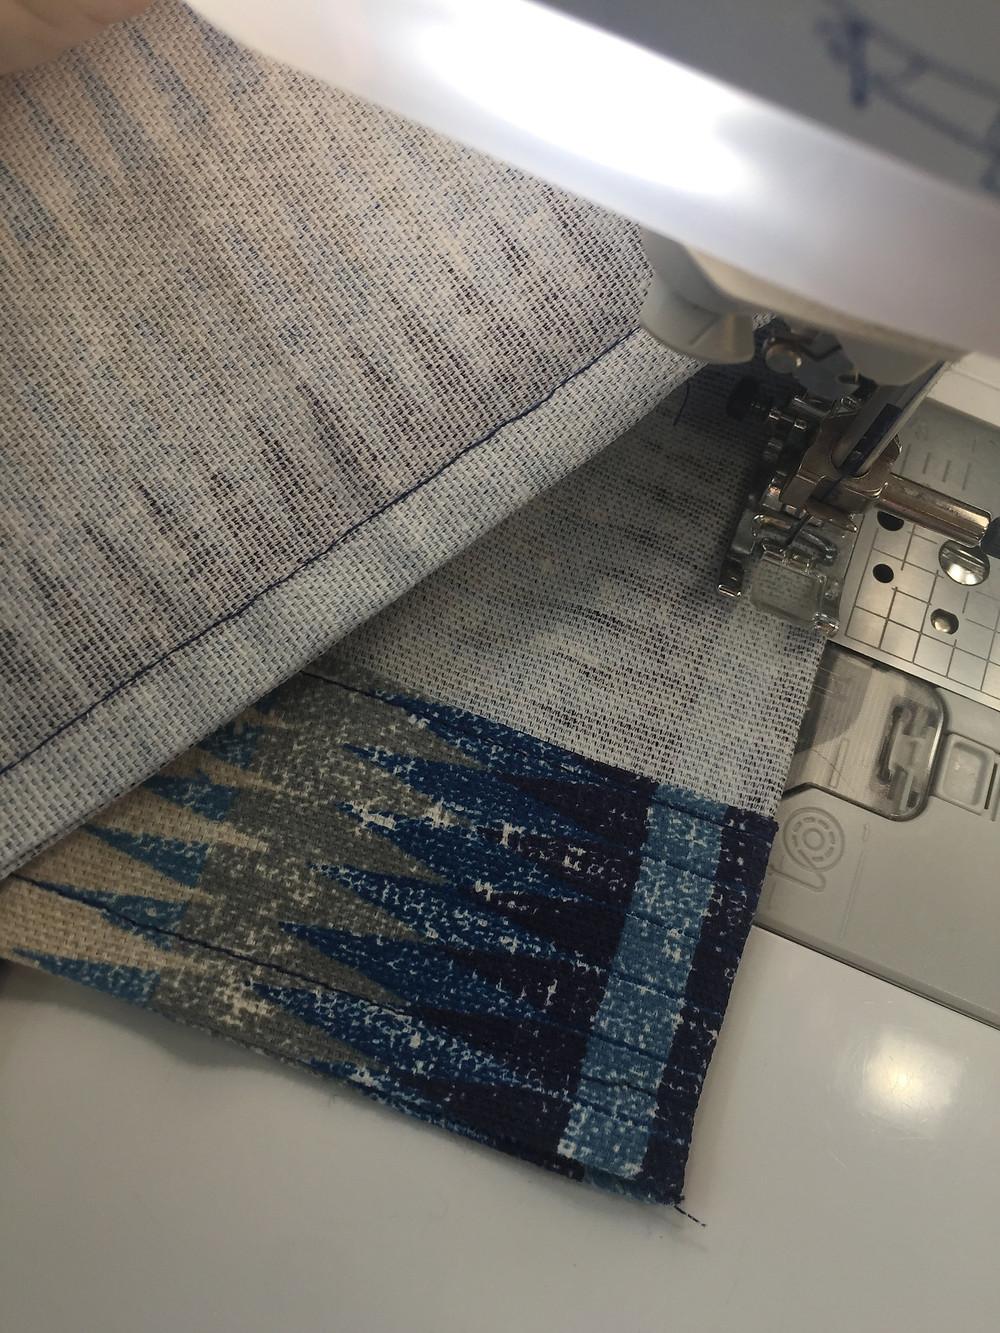 French seam final stitching.